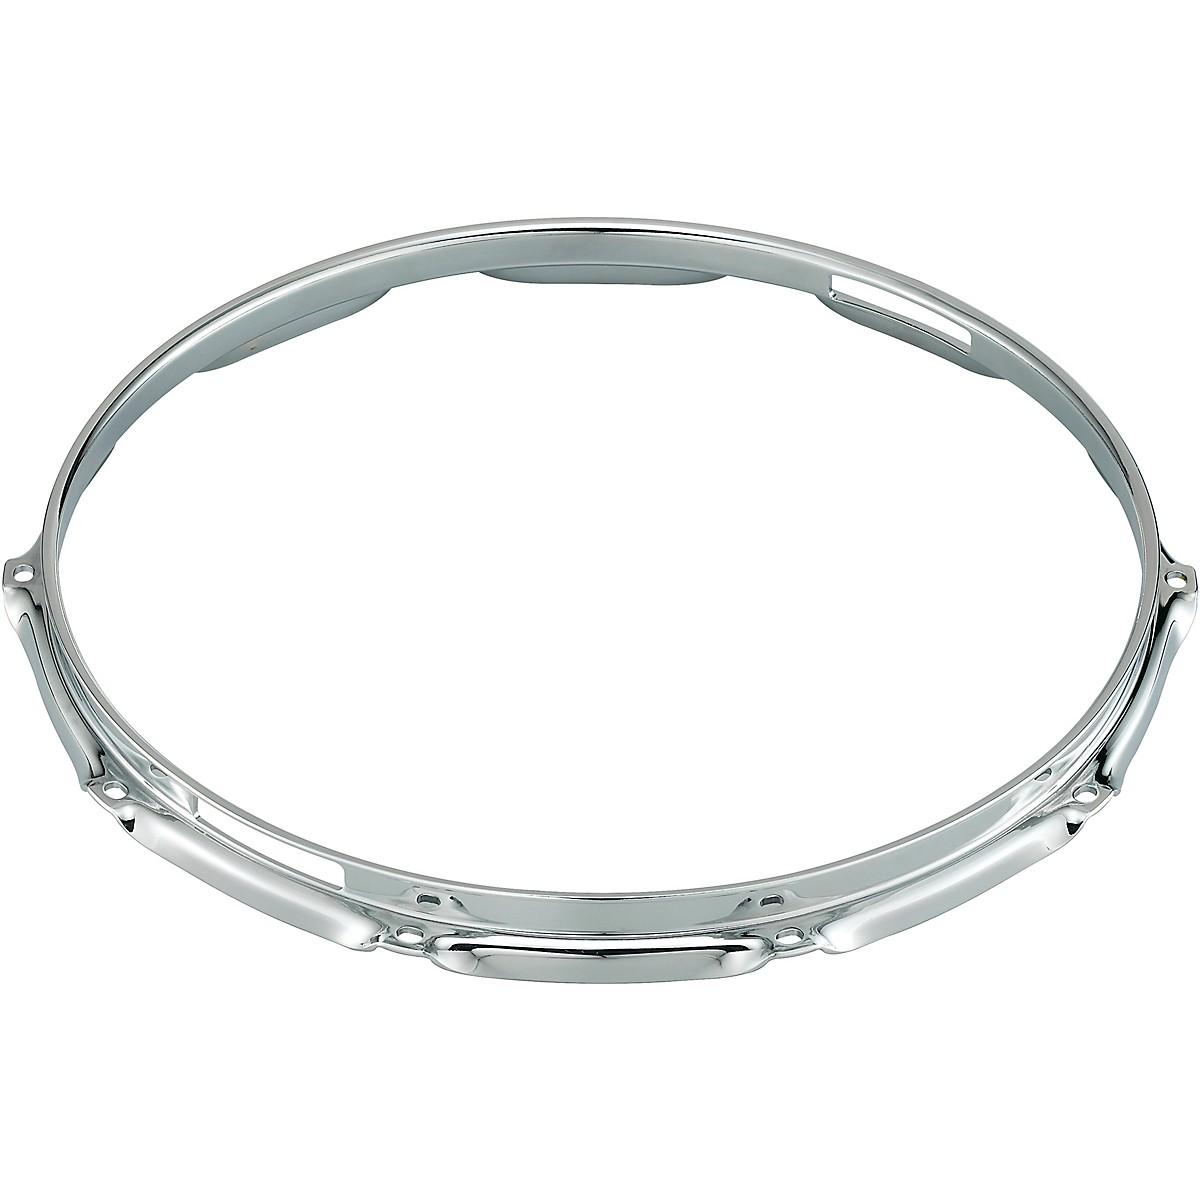 TAMA Ultimate Steel Mighty Hoop, Snare Side, 10 Holes